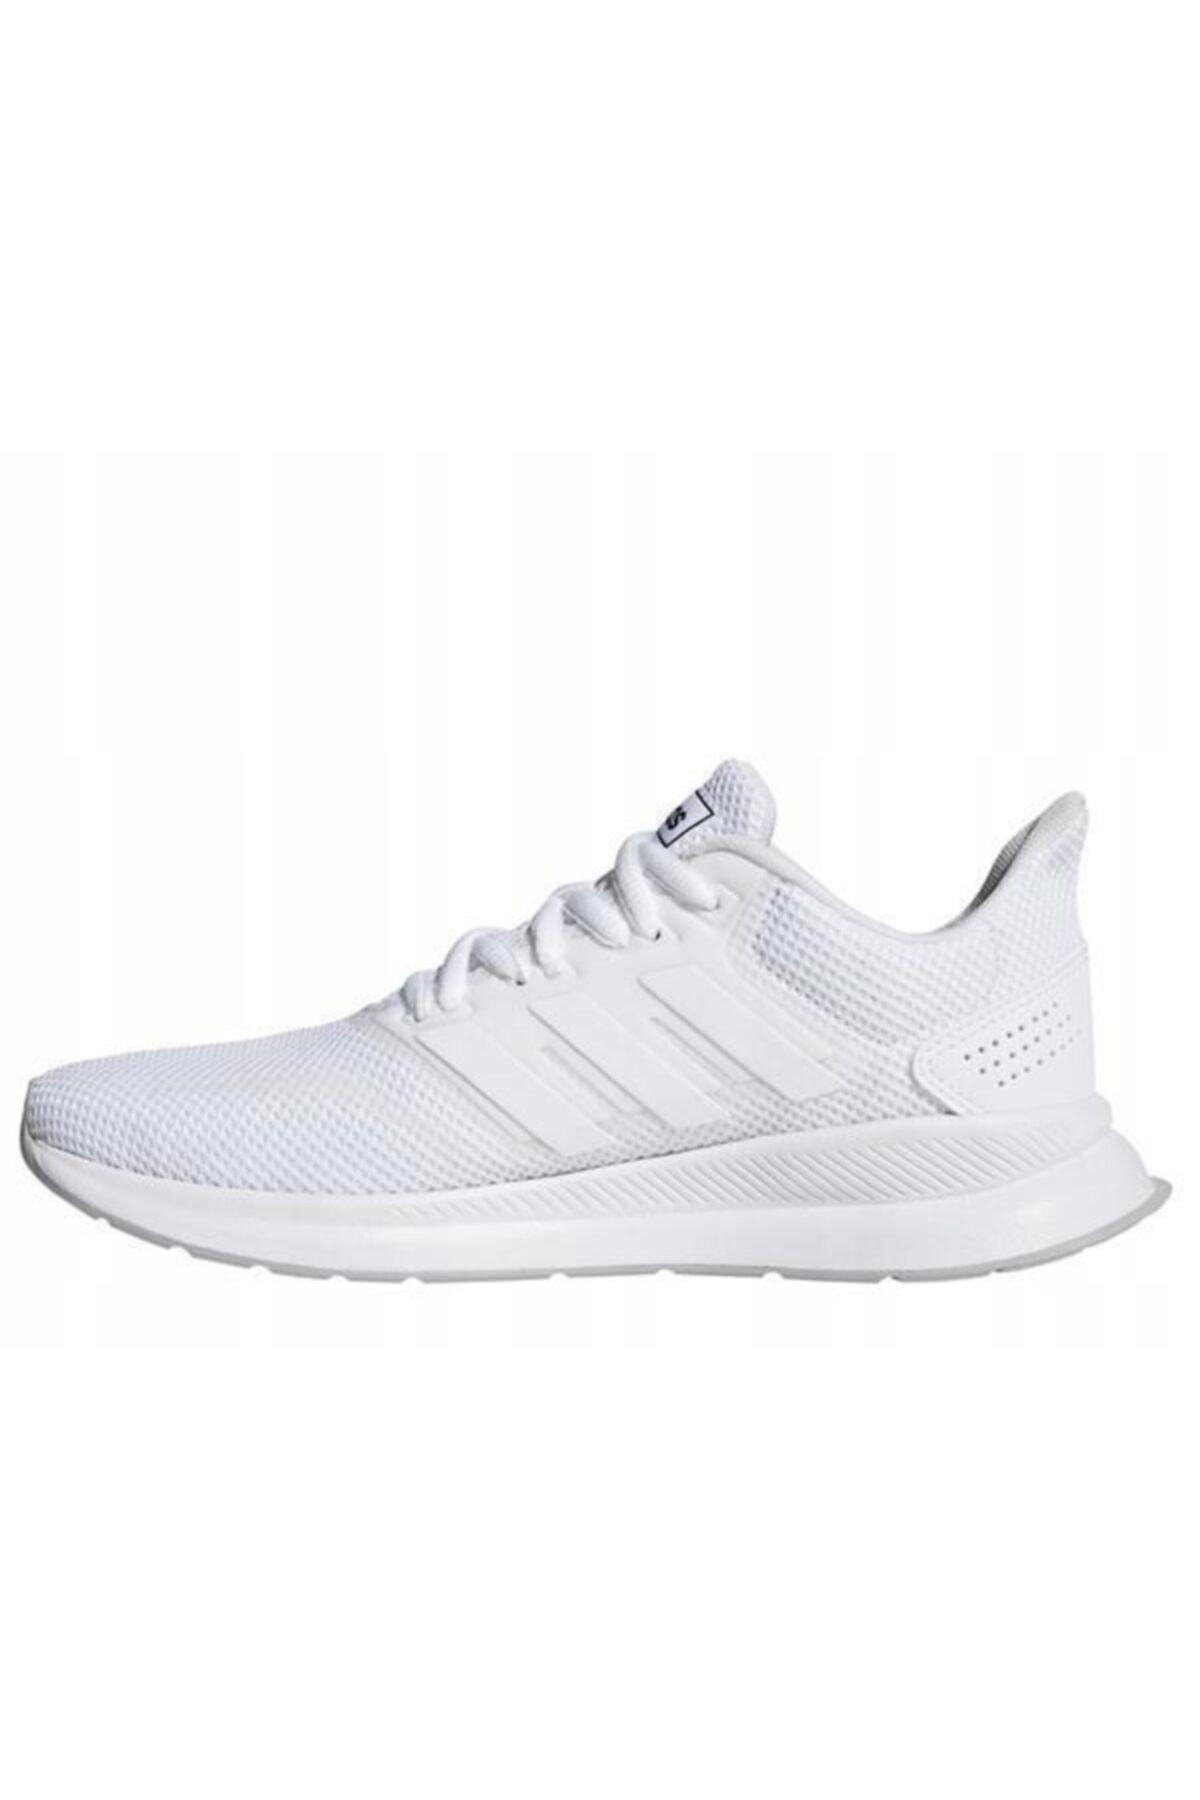 adidas Runfalcon Beyaz Koşu Ayakkabısı F36548 2